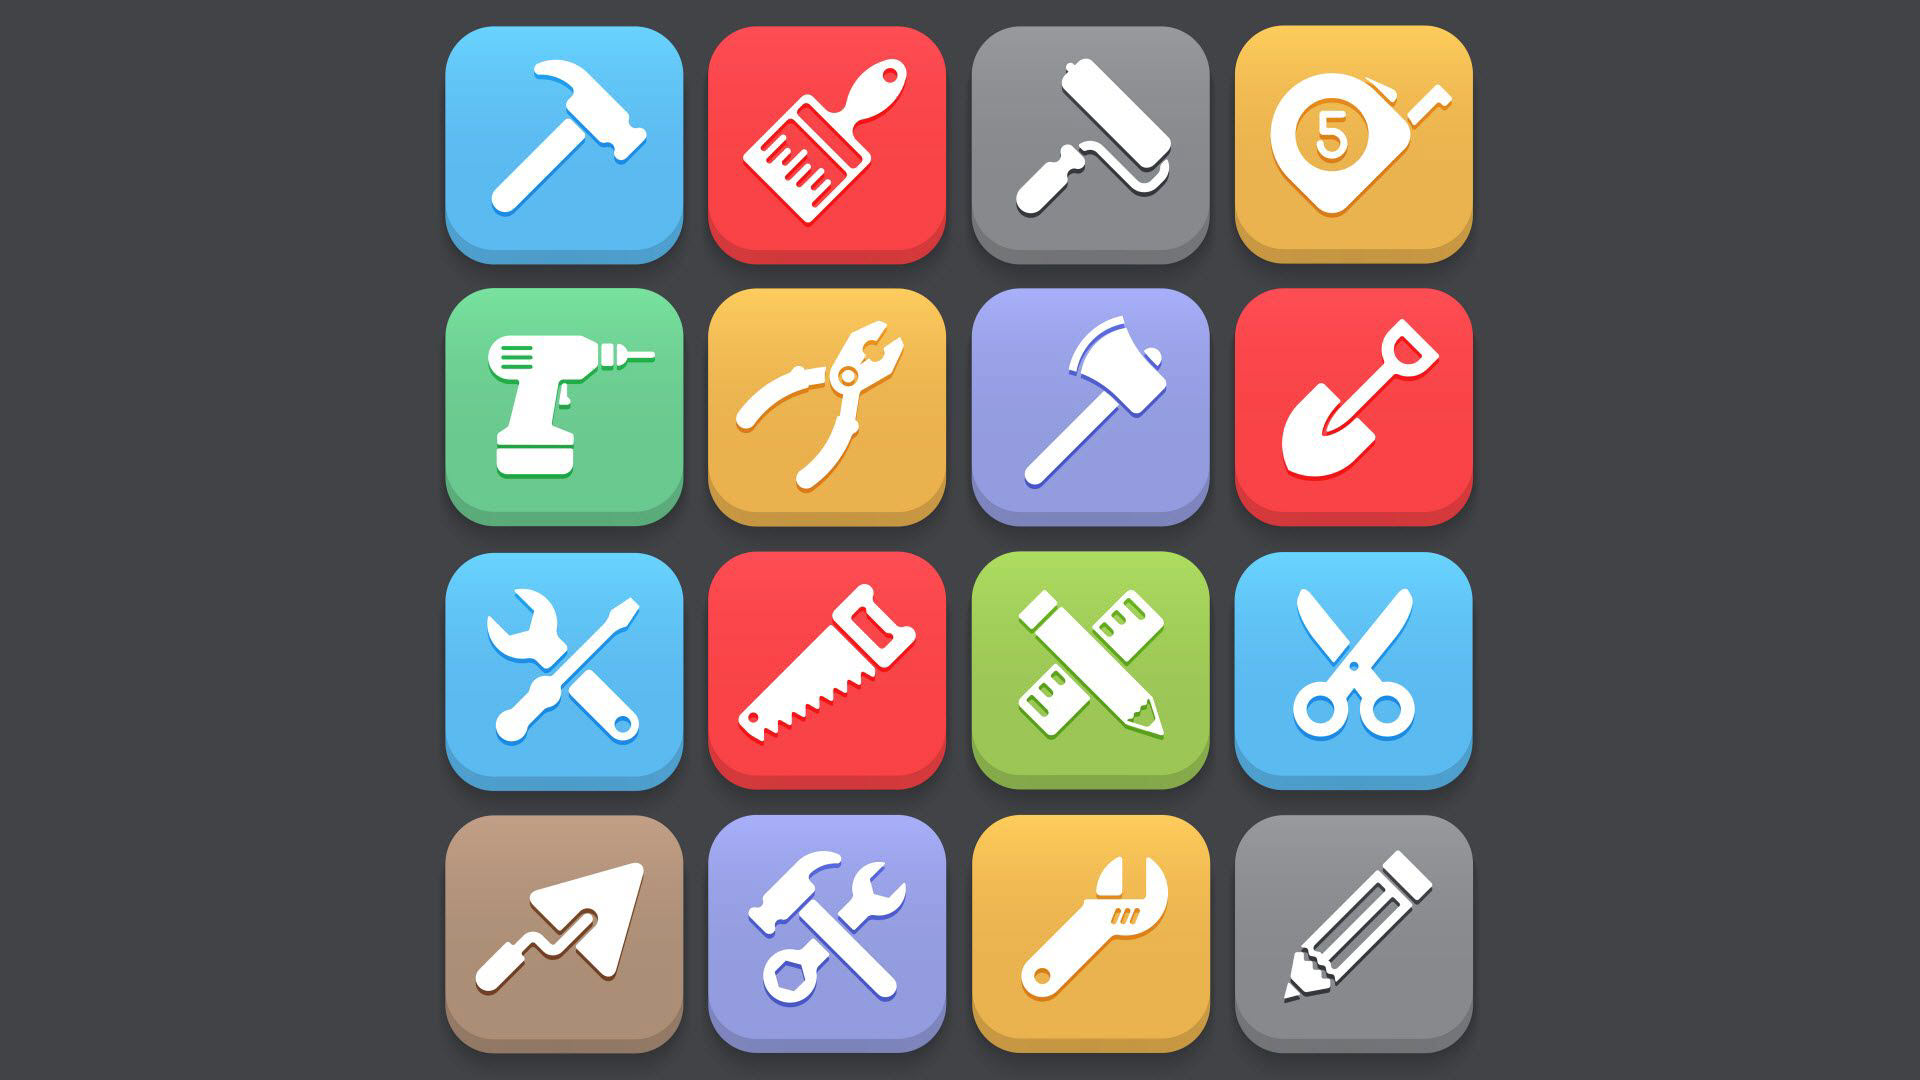 16_tools_198793352-ss-1920-compresor